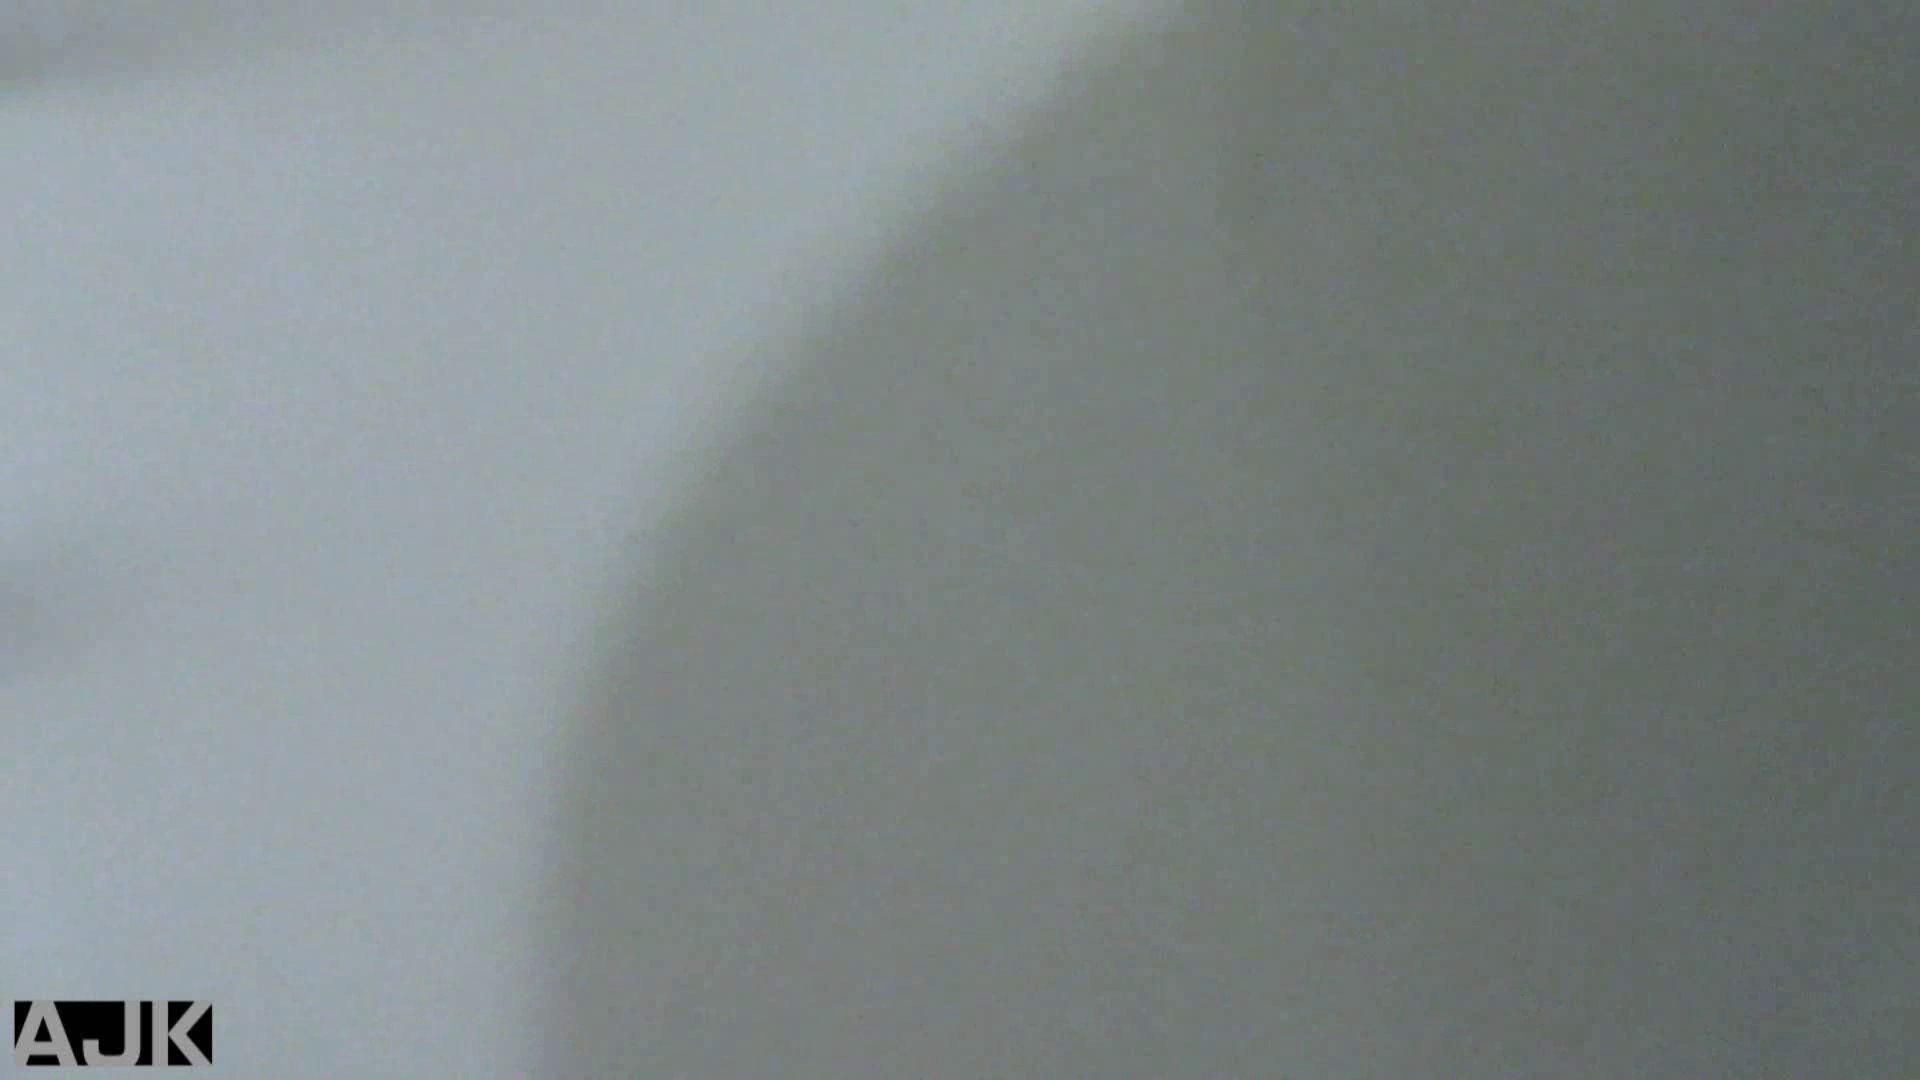 おまんこ|隣国上階級エリアの令嬢たちが集うデパートお手洗い Vol.01|怪盗ジョーカー